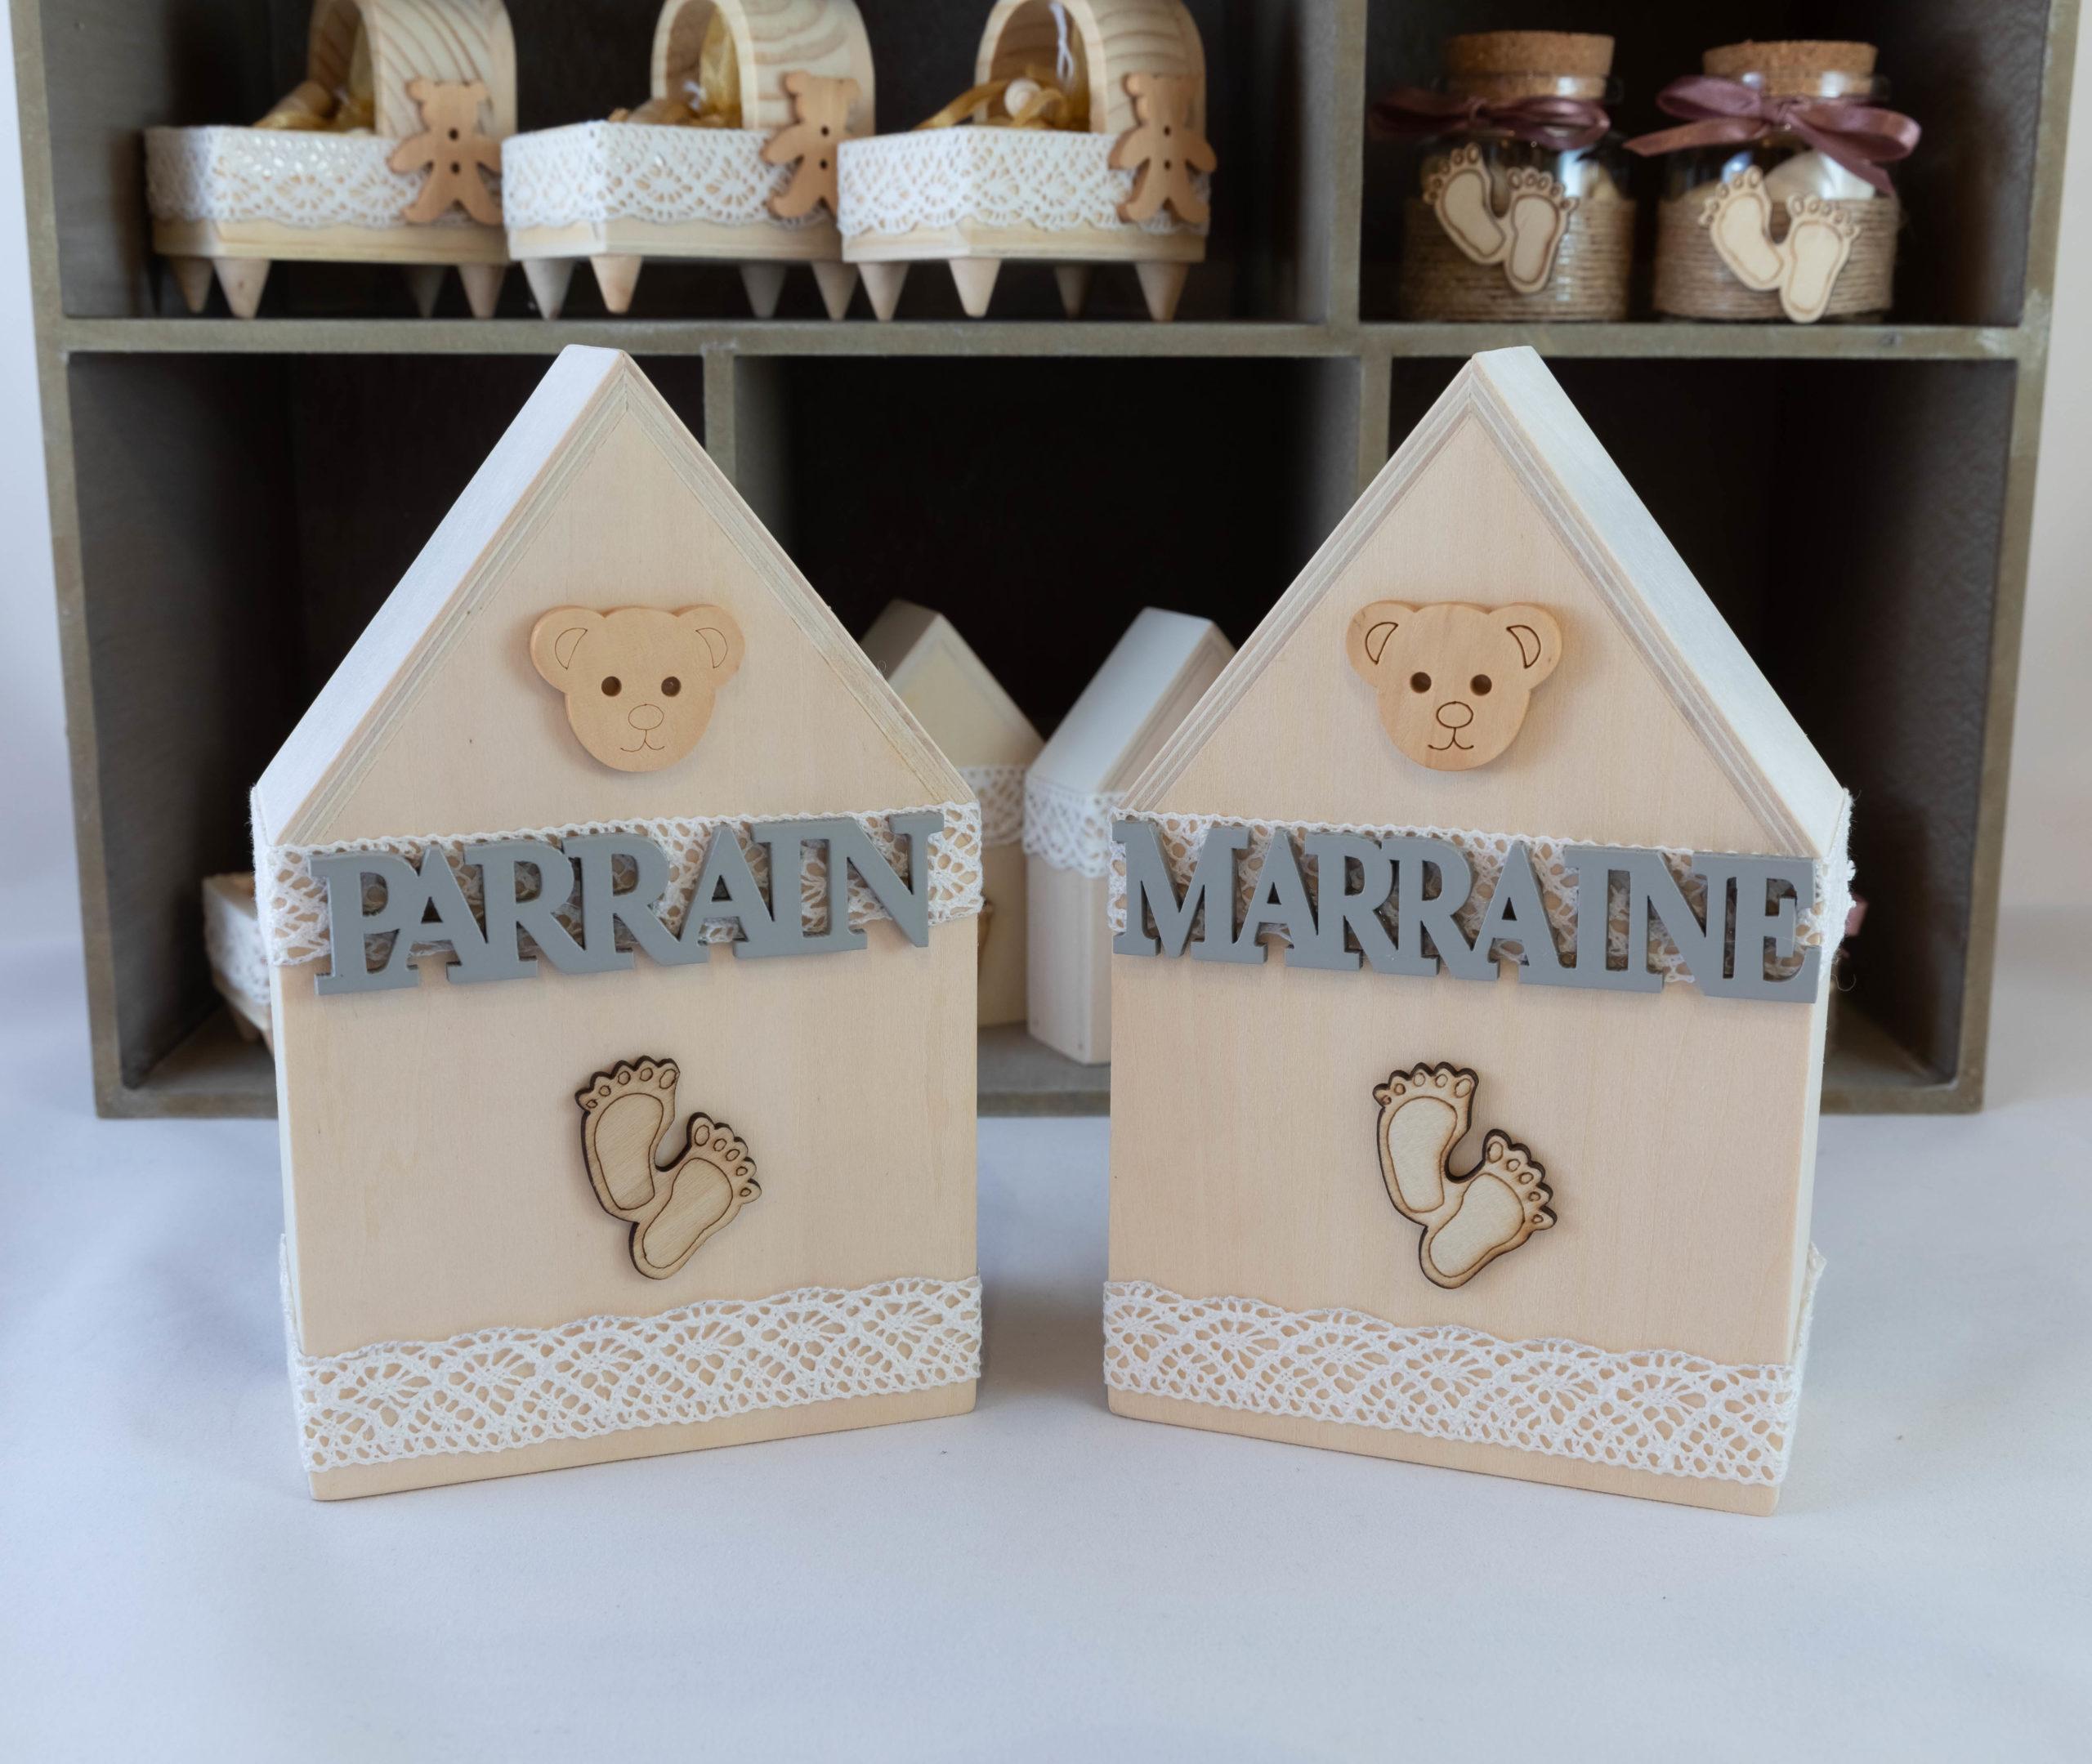 Maison Parrain Marraine - Bois Image